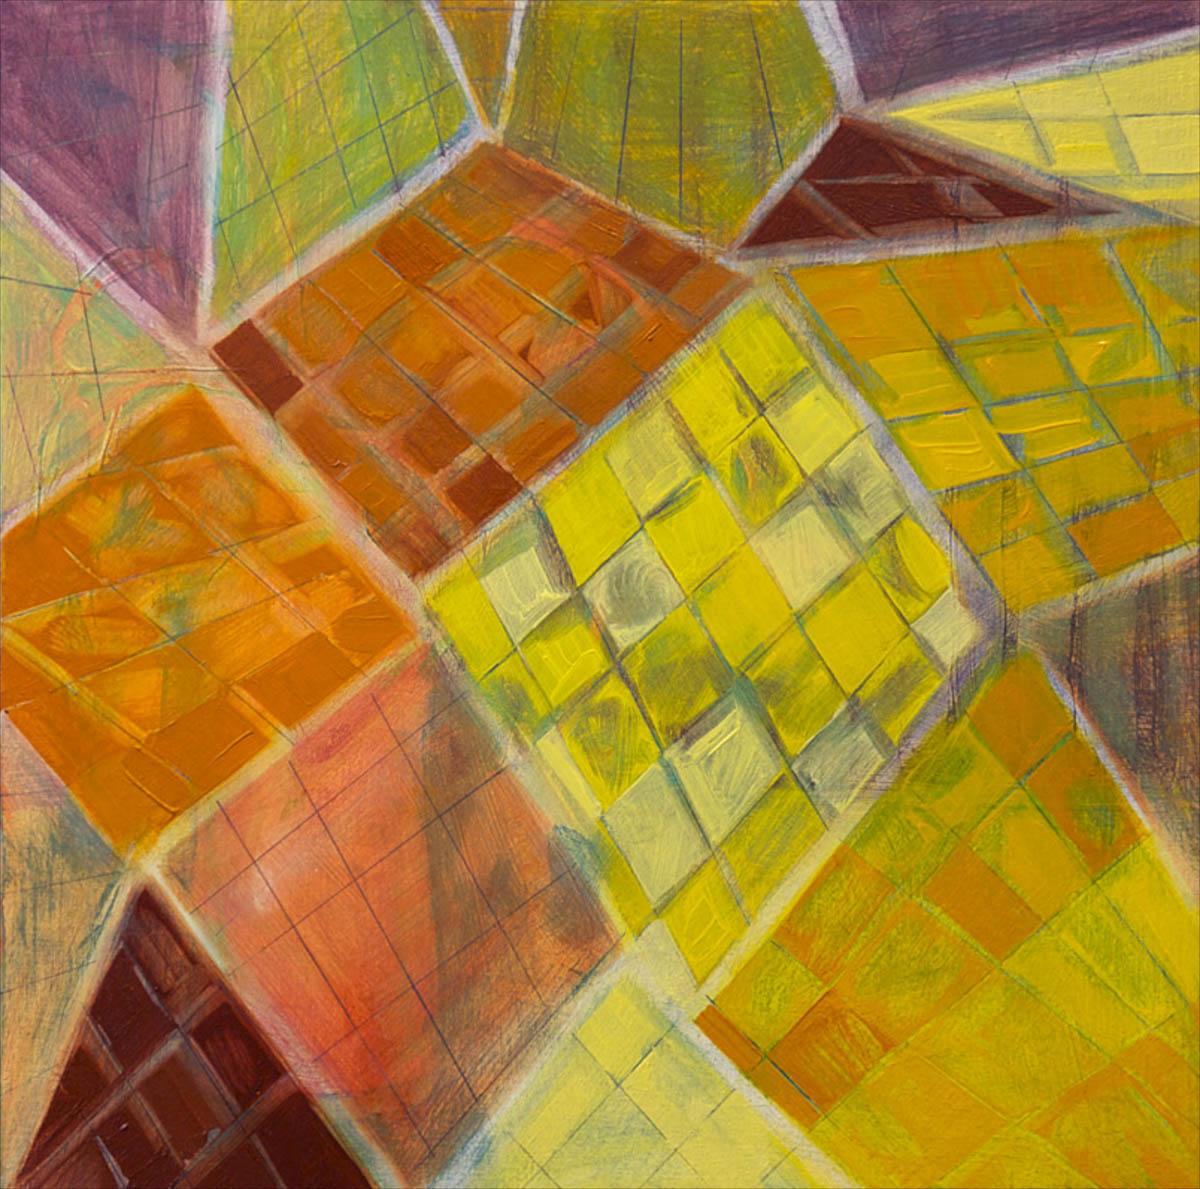 oil on board9 3/4 x 9 3/4in., 2010